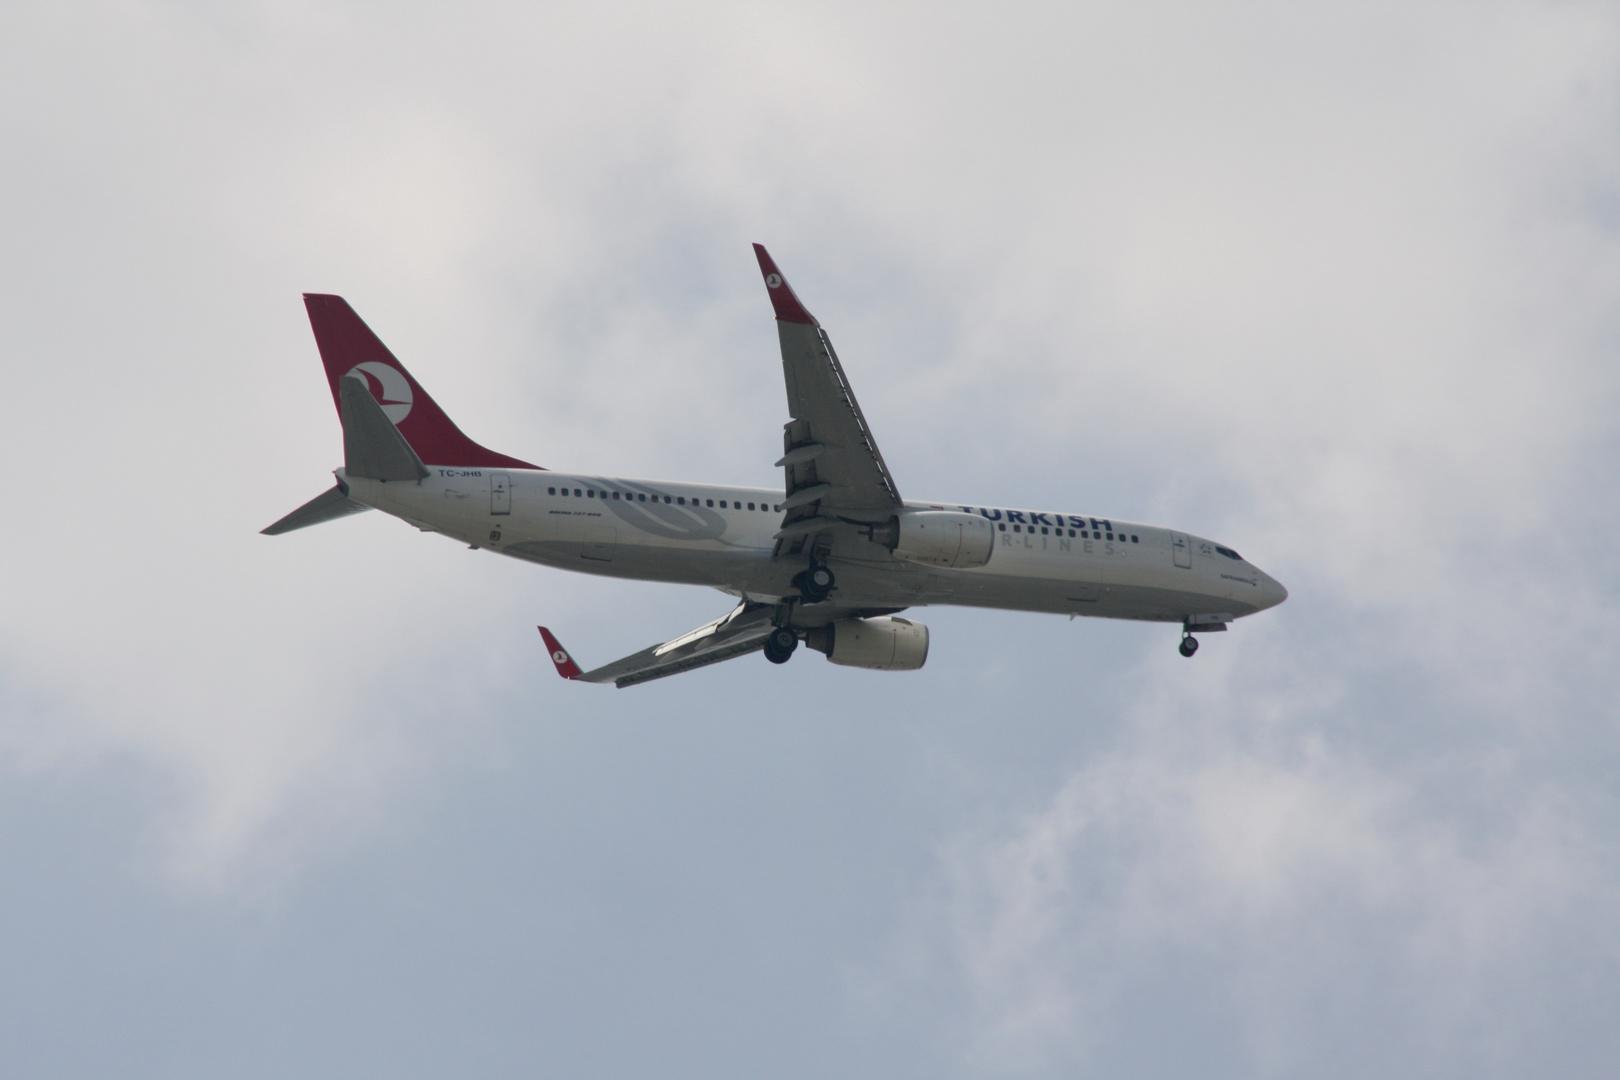 Boeing 737 - Ab in den Urlaub (letztes Jahr)